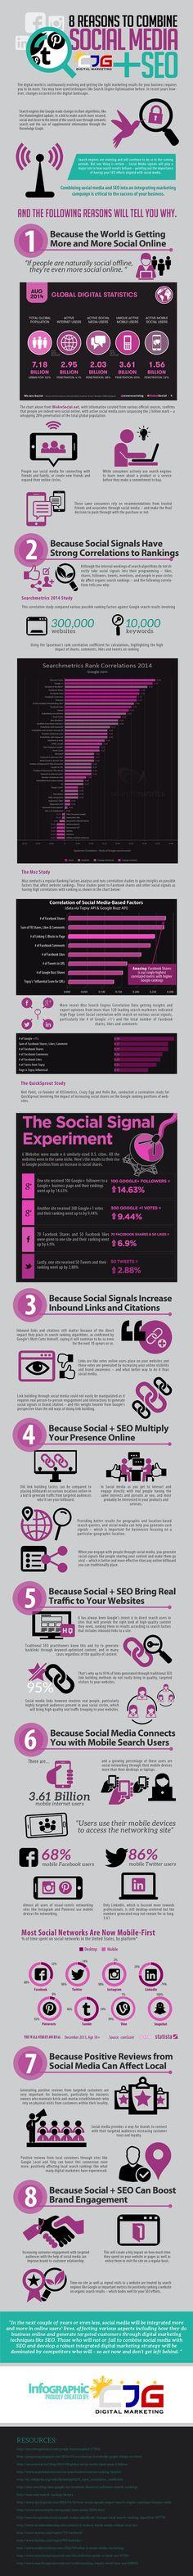 8 razones para combinar Social Media y SEO [Infografía]